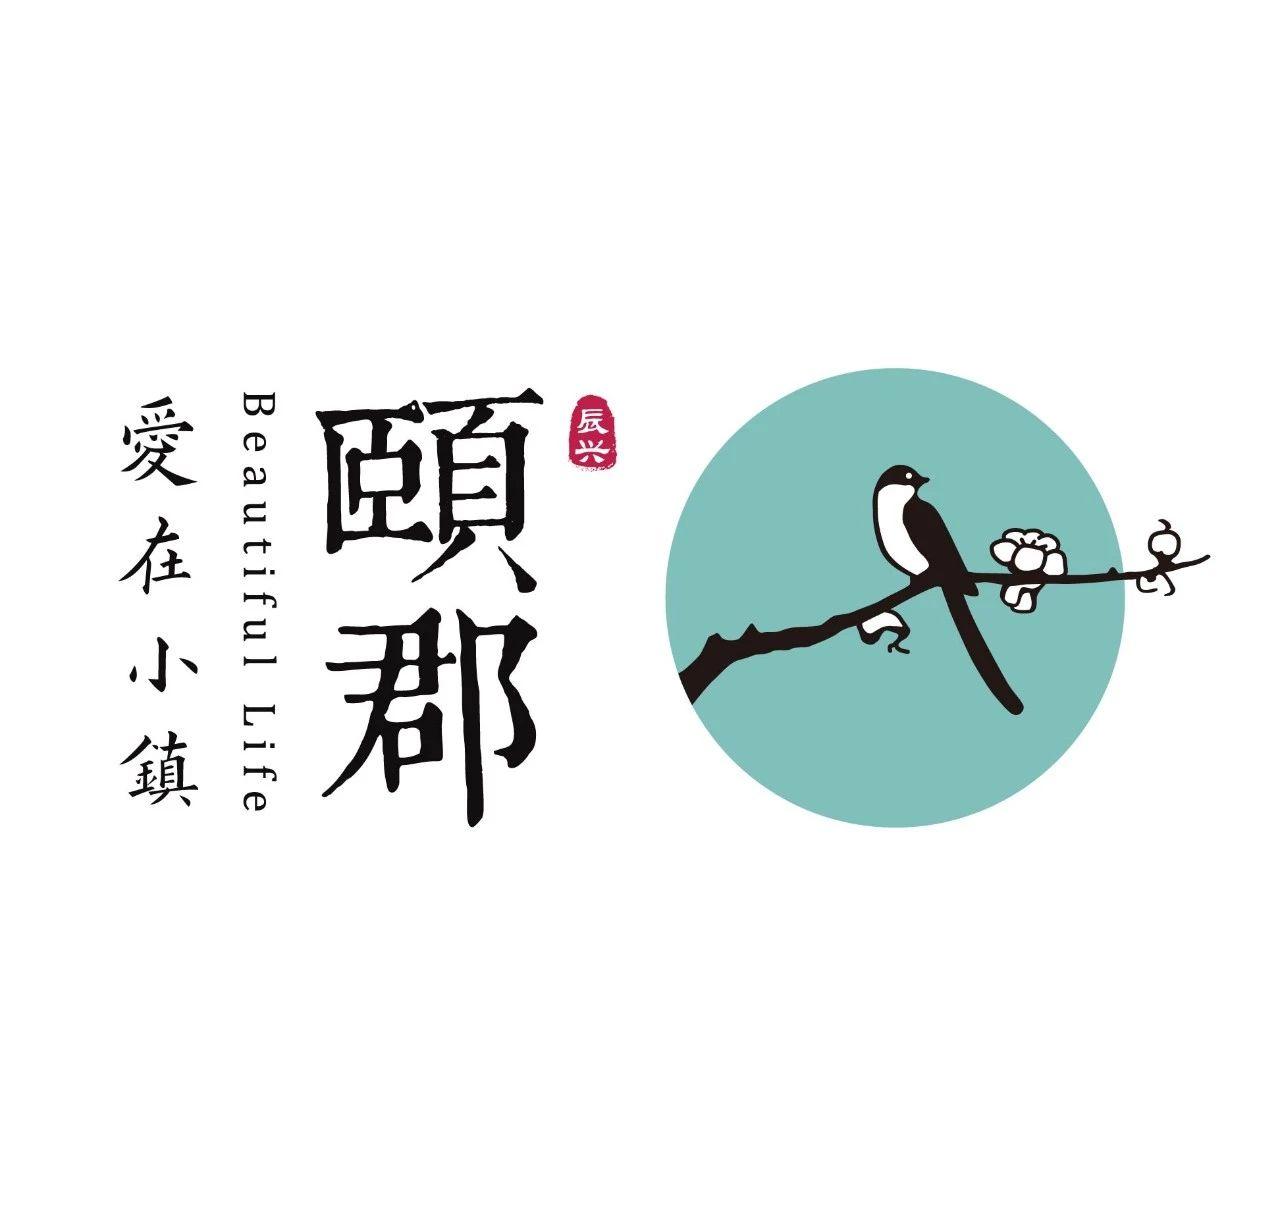 晉中-辰興頤郡(晉中開發區)